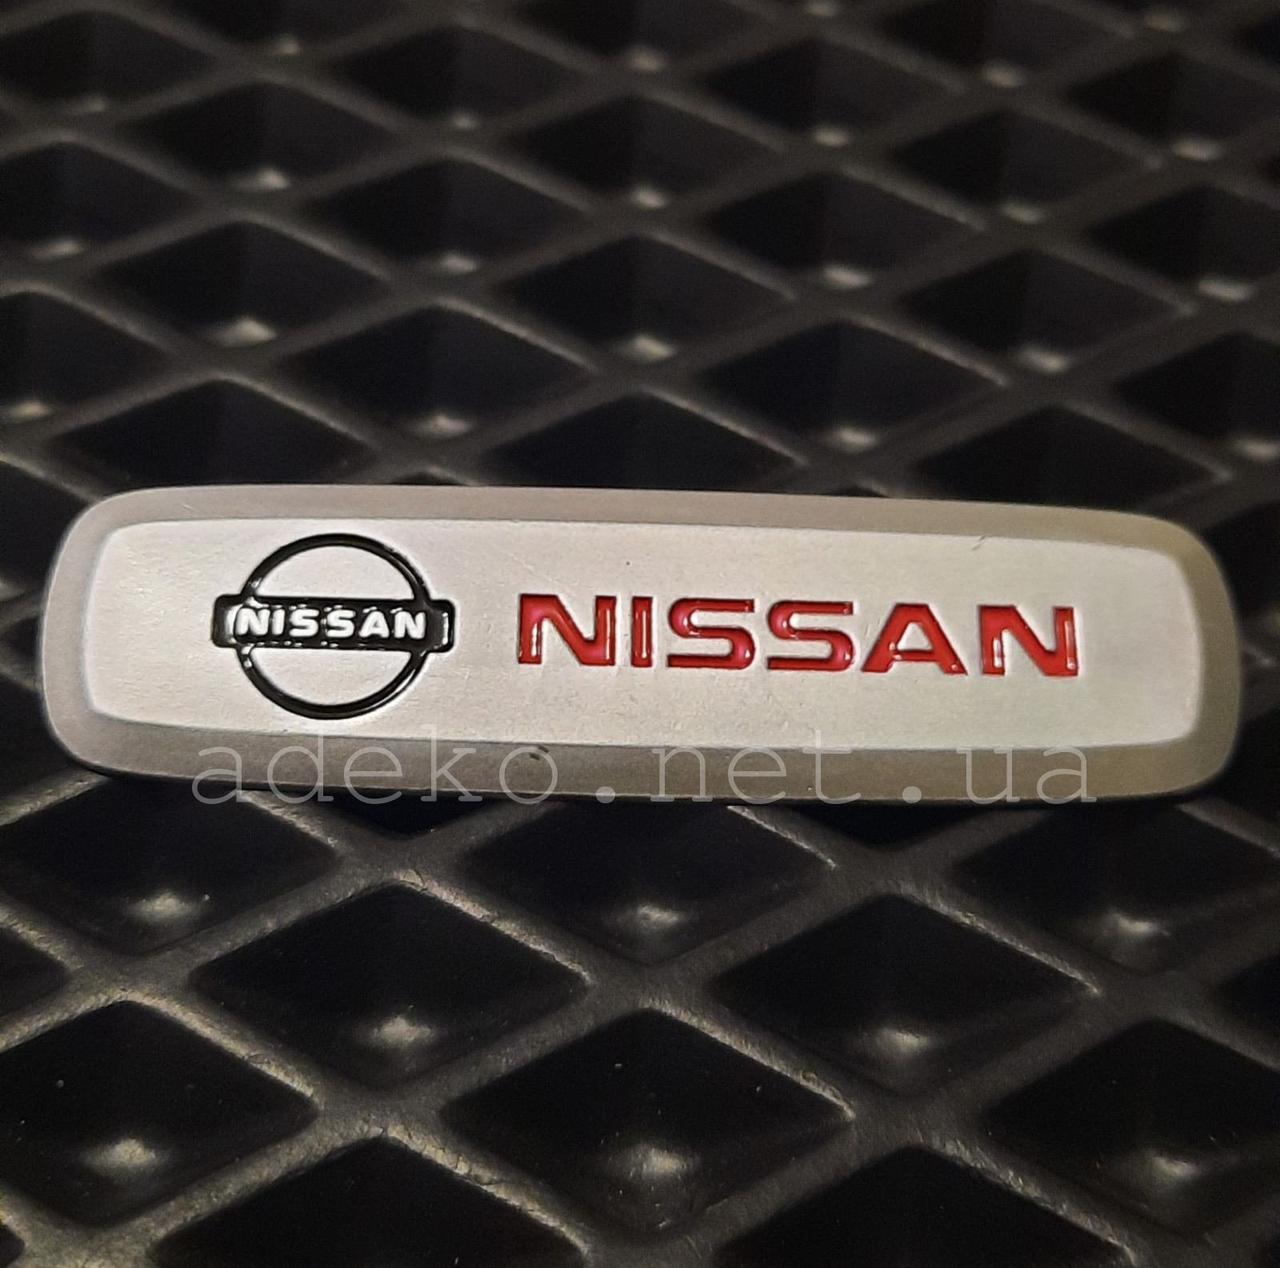 Эмблема логотип Nissan шильдики на эва коврики